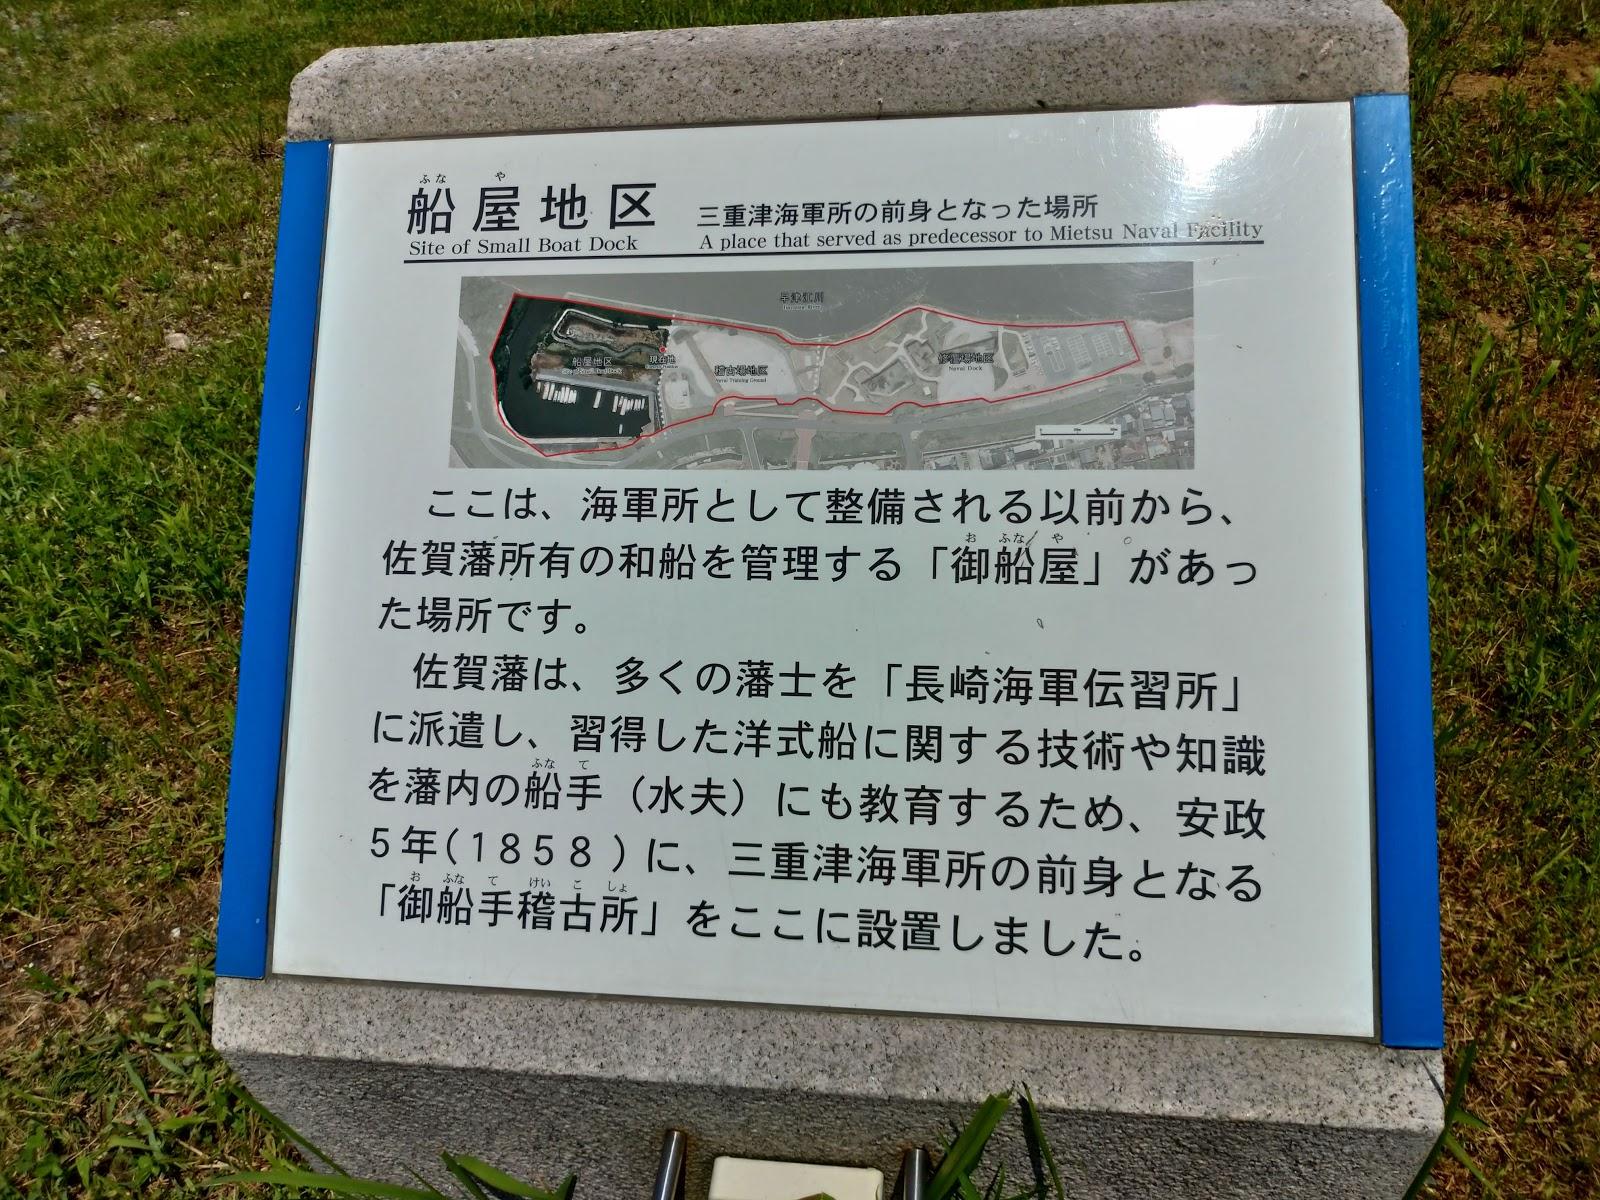 【世界遺産】三重津海軍所跡のVR体験 船屋地区